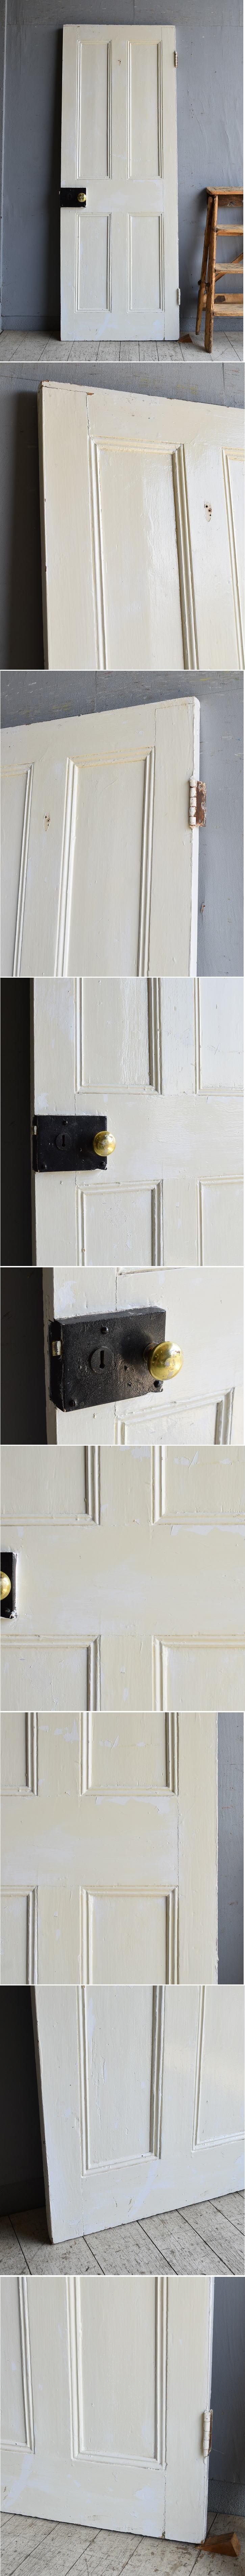 イギリス アンティーク ドア 扉 建具 8564